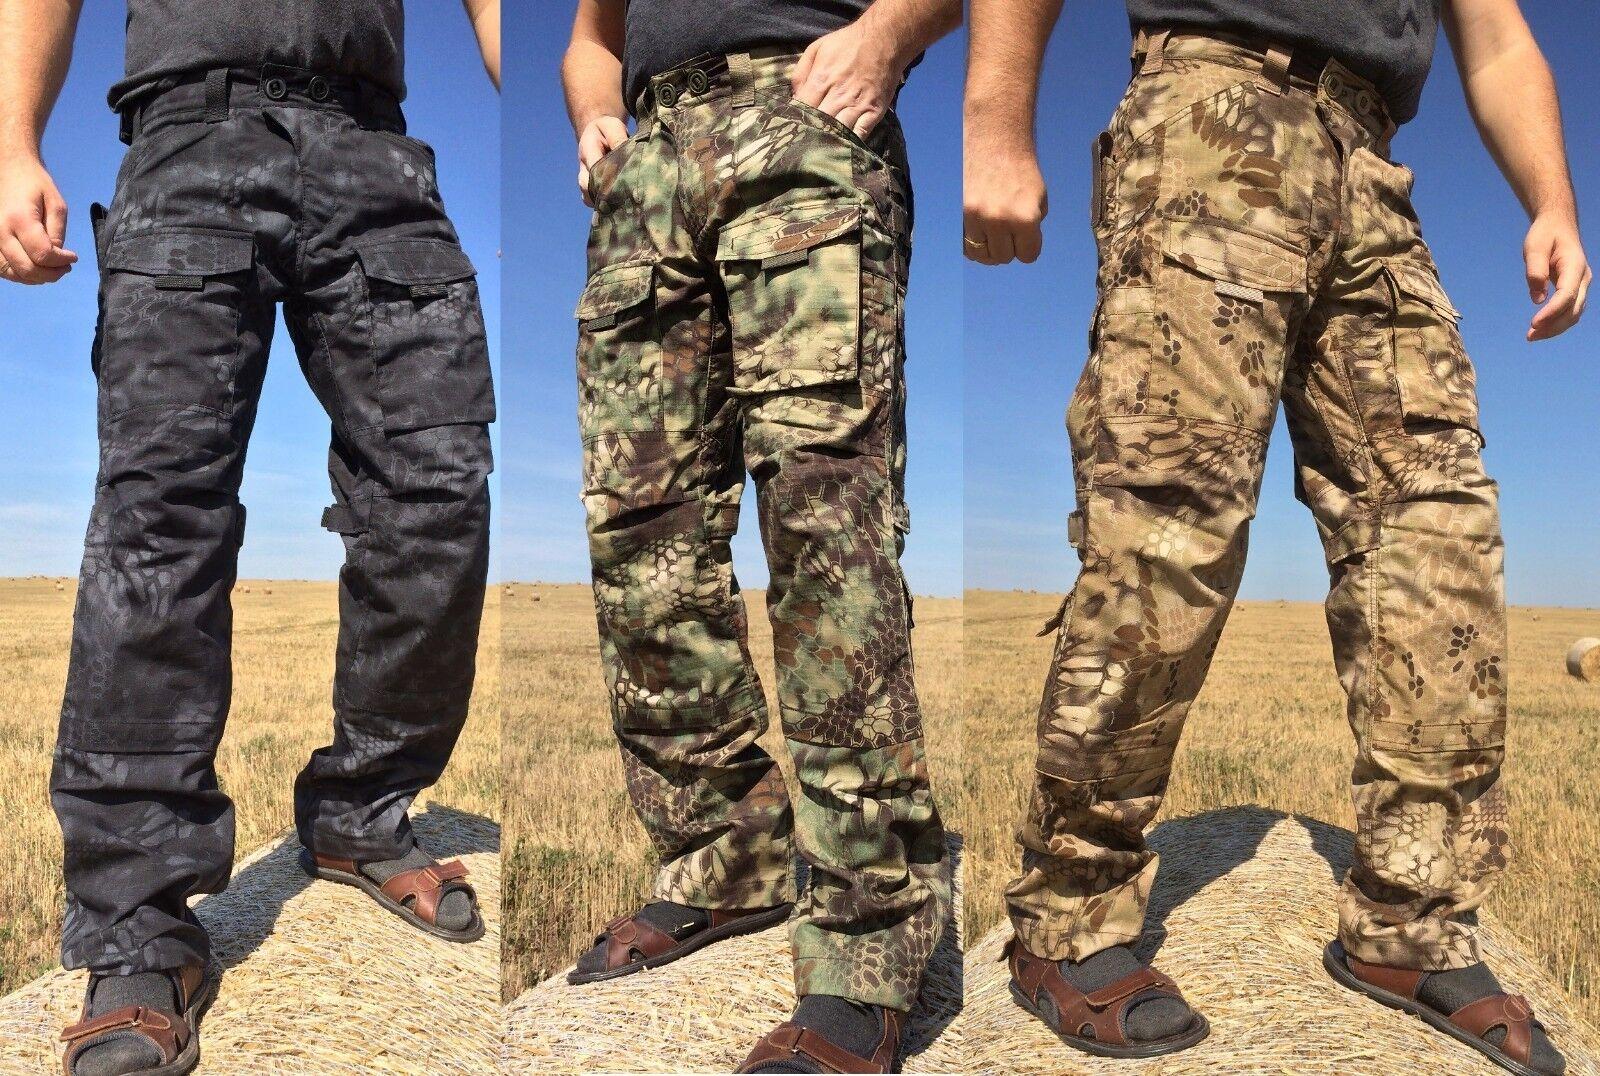 TACTICAL PANTS MENS Kryptek Typhon Zilant Mandrake Highlander  35% cotton  free delivery and returns